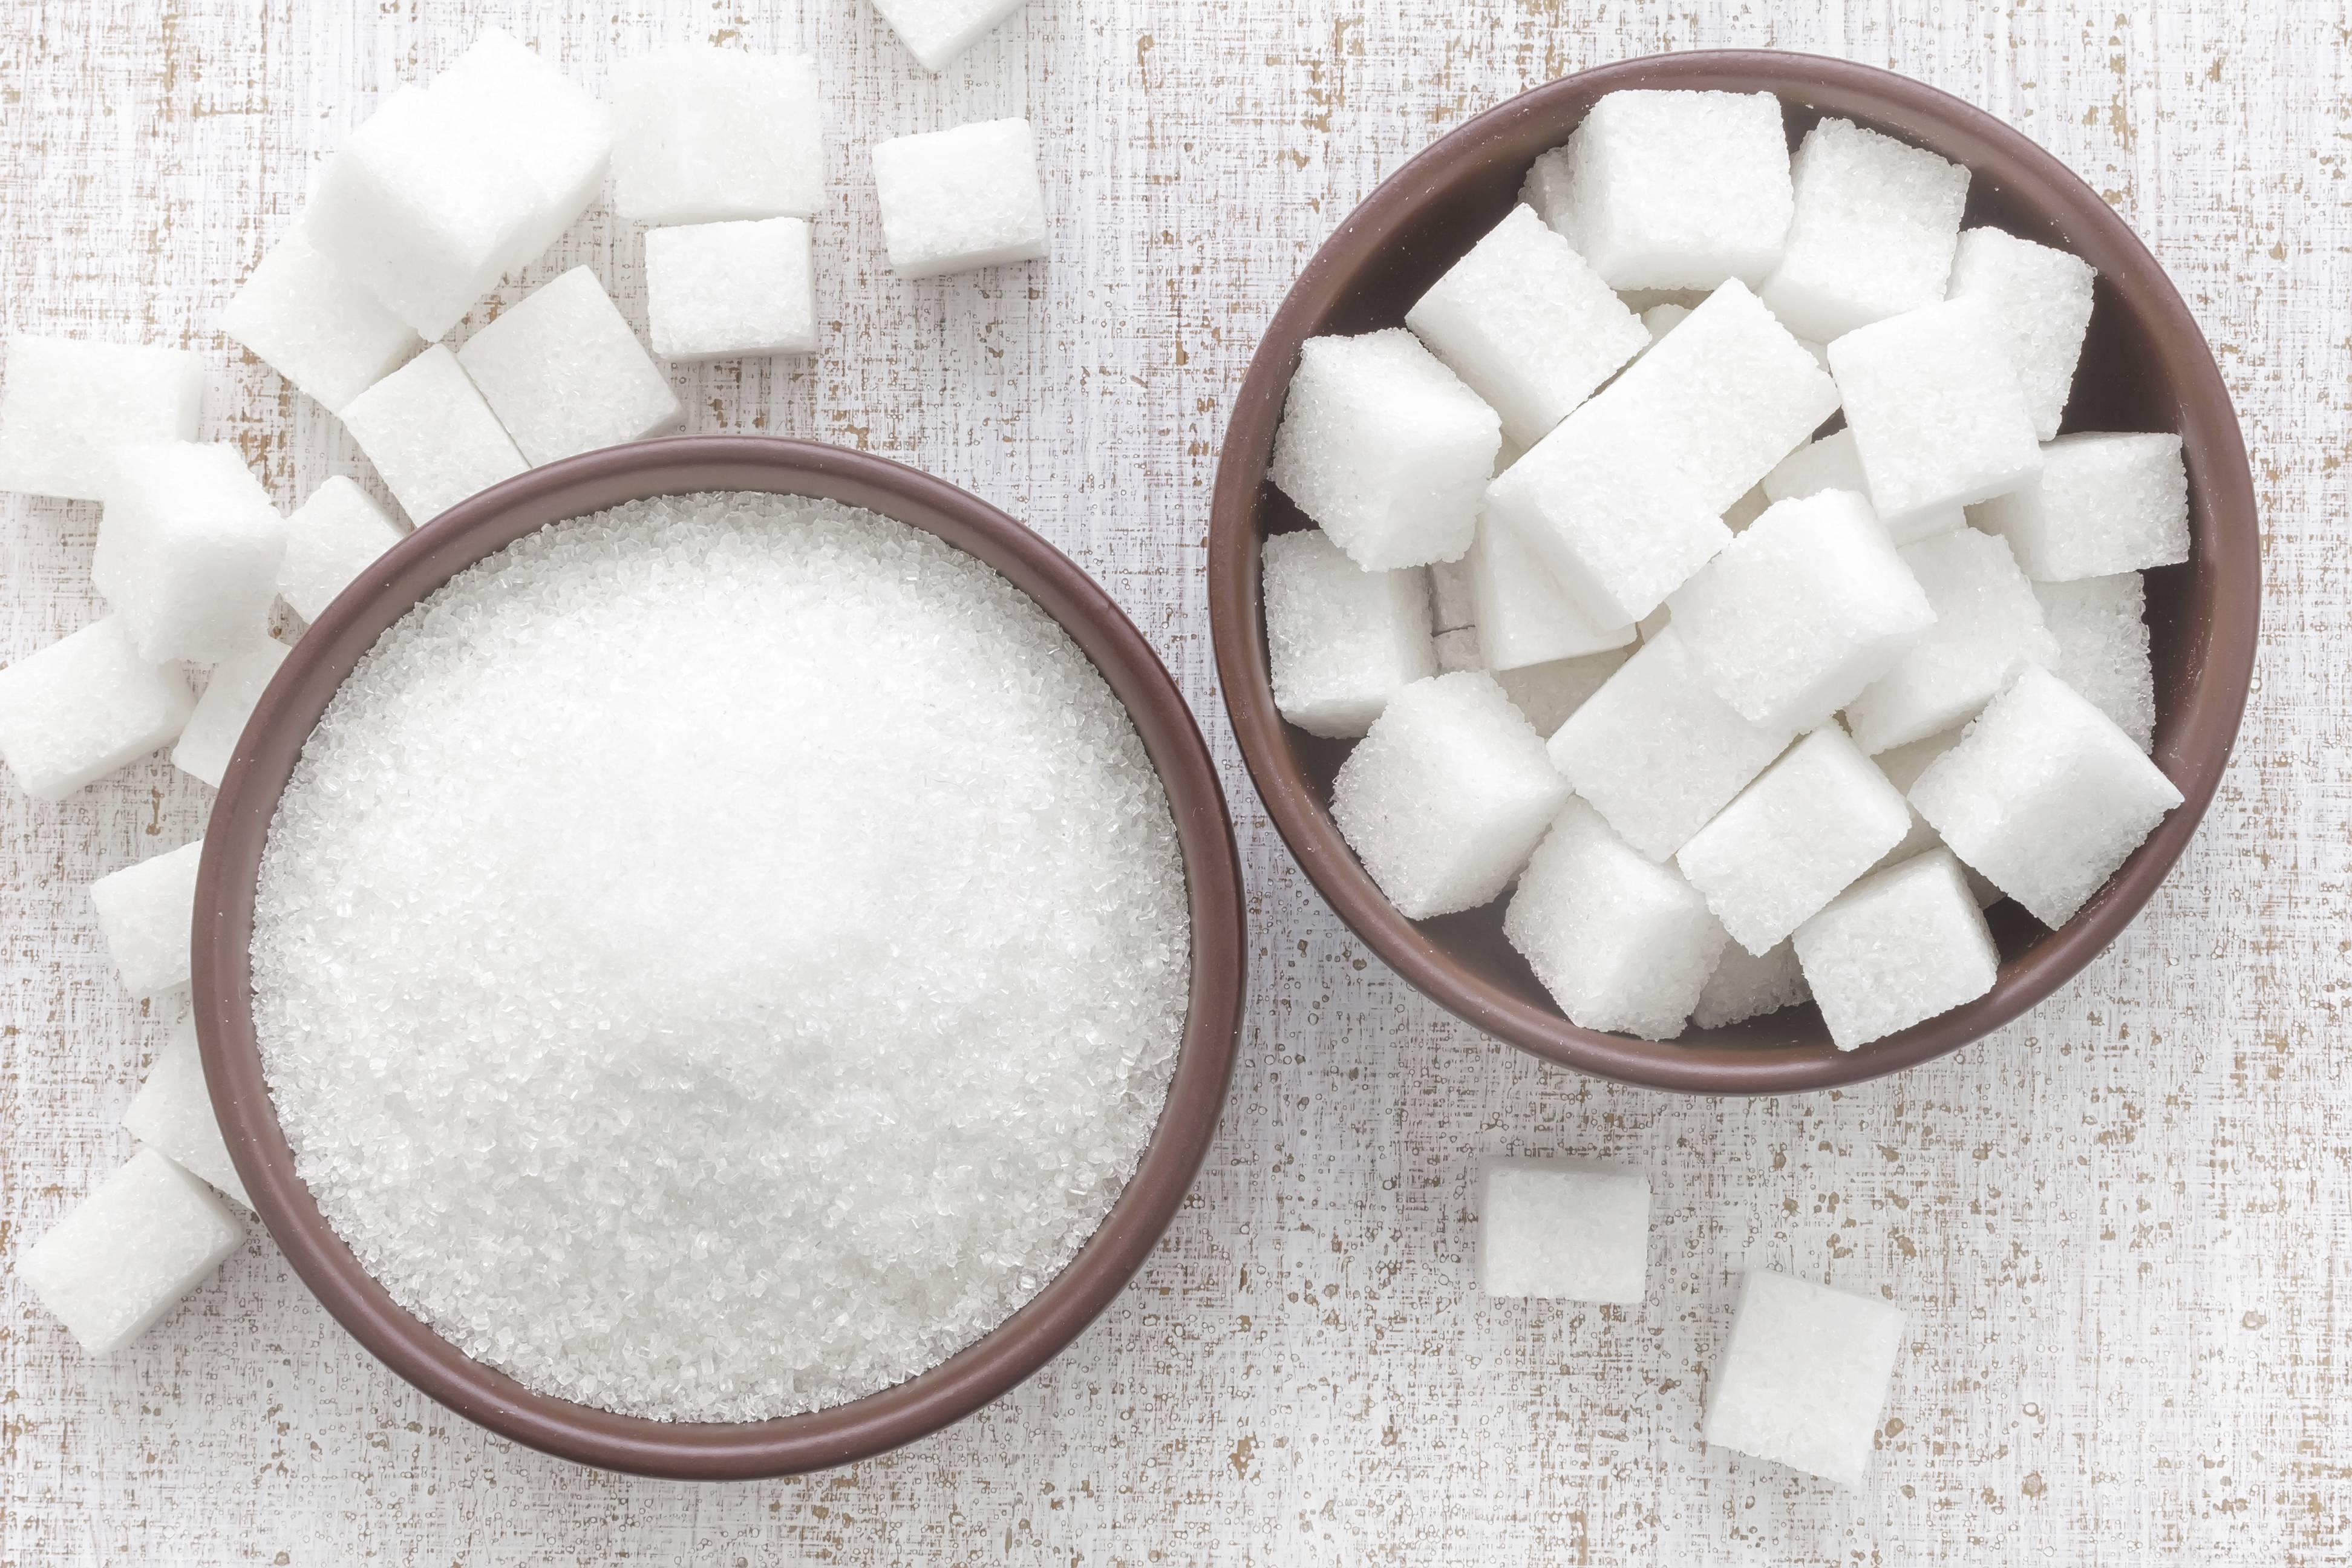 Ecco Cosa Succede al Tuo Corpo Quando Smetti di Assumere Zucchero